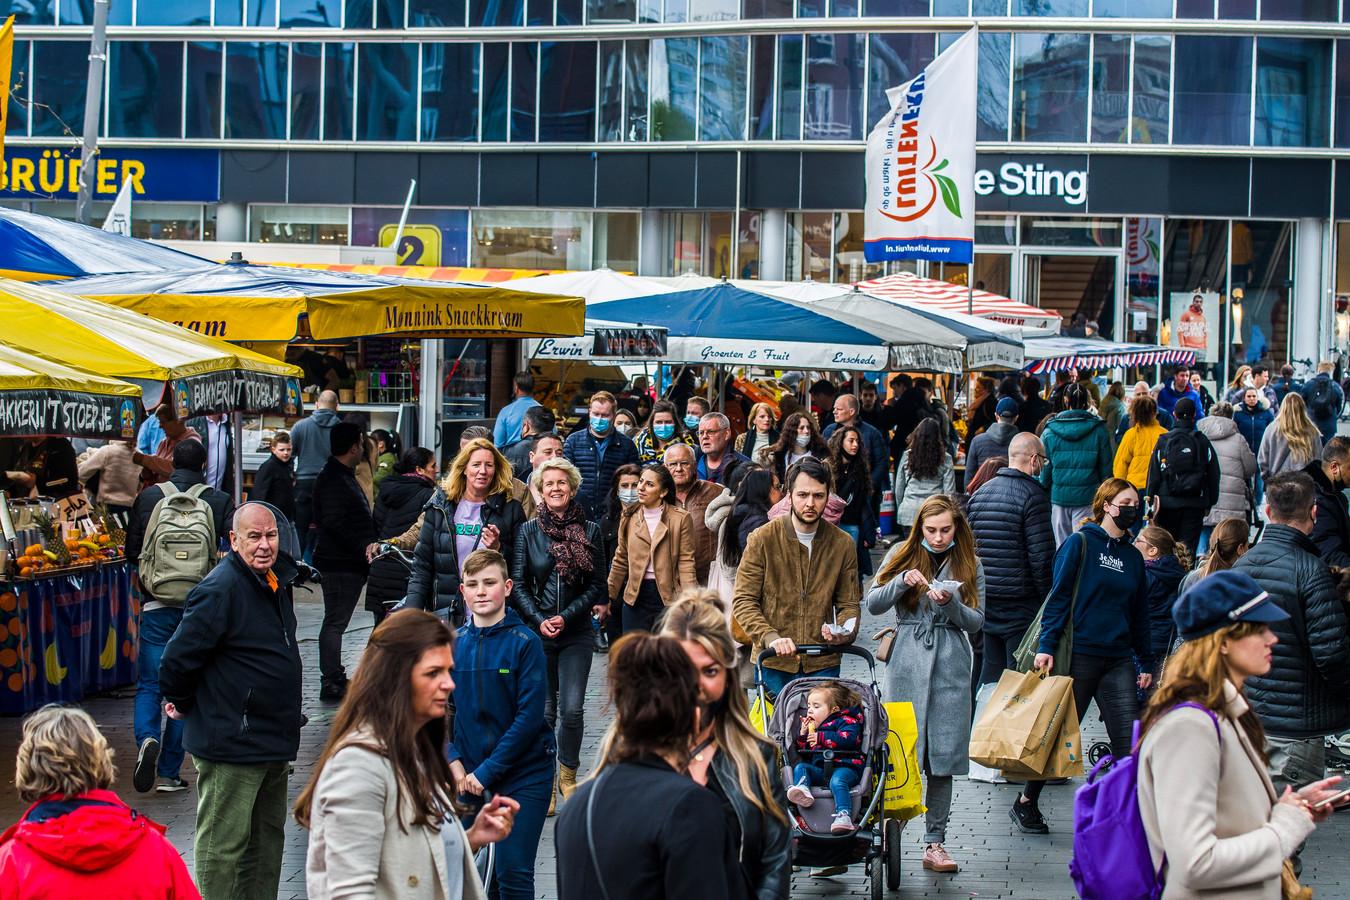 """Drukte in de Enschedese binnenstad. Burgemeester Onno van Veldhuizen: """"We moeten zorgen dat we besmettingen voorkomen door drukte te mijden en afstand te houden. Dat geldt niet alleen op straat, op de markt, bij terrassen en in winkels, maar ook op het werk en in huis."""""""